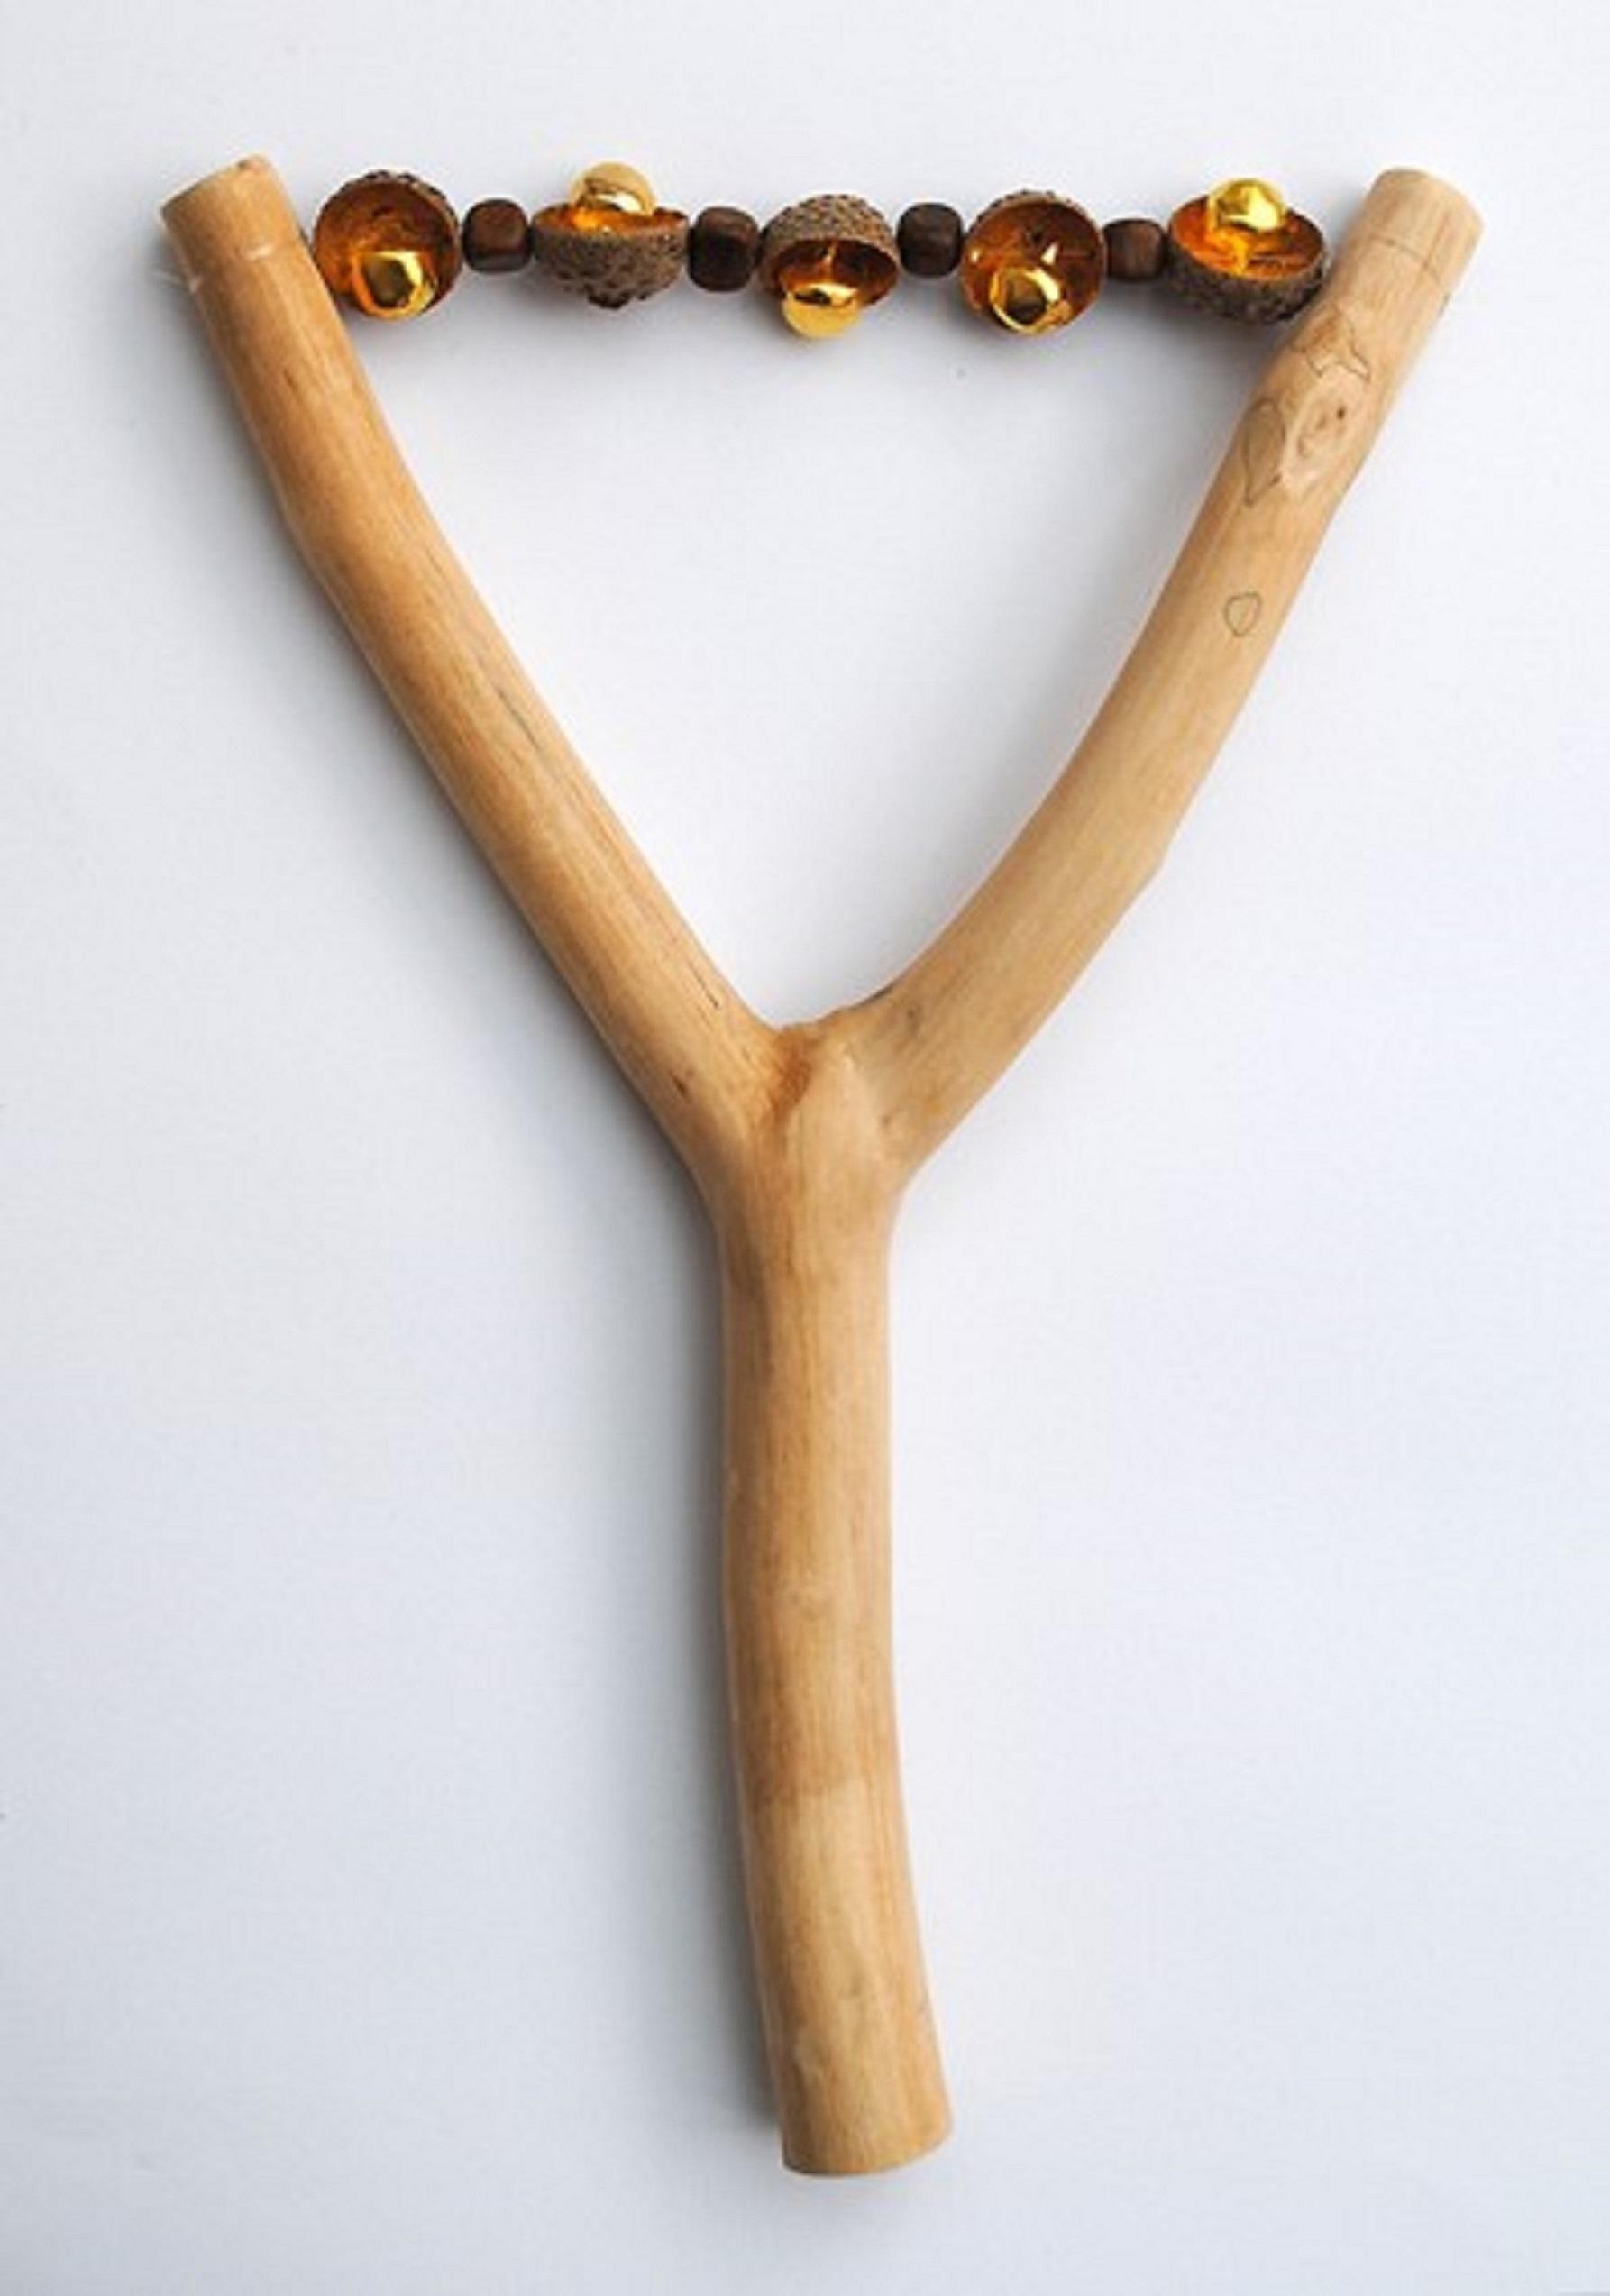 Музыкальные инструменты своими руками из дерева